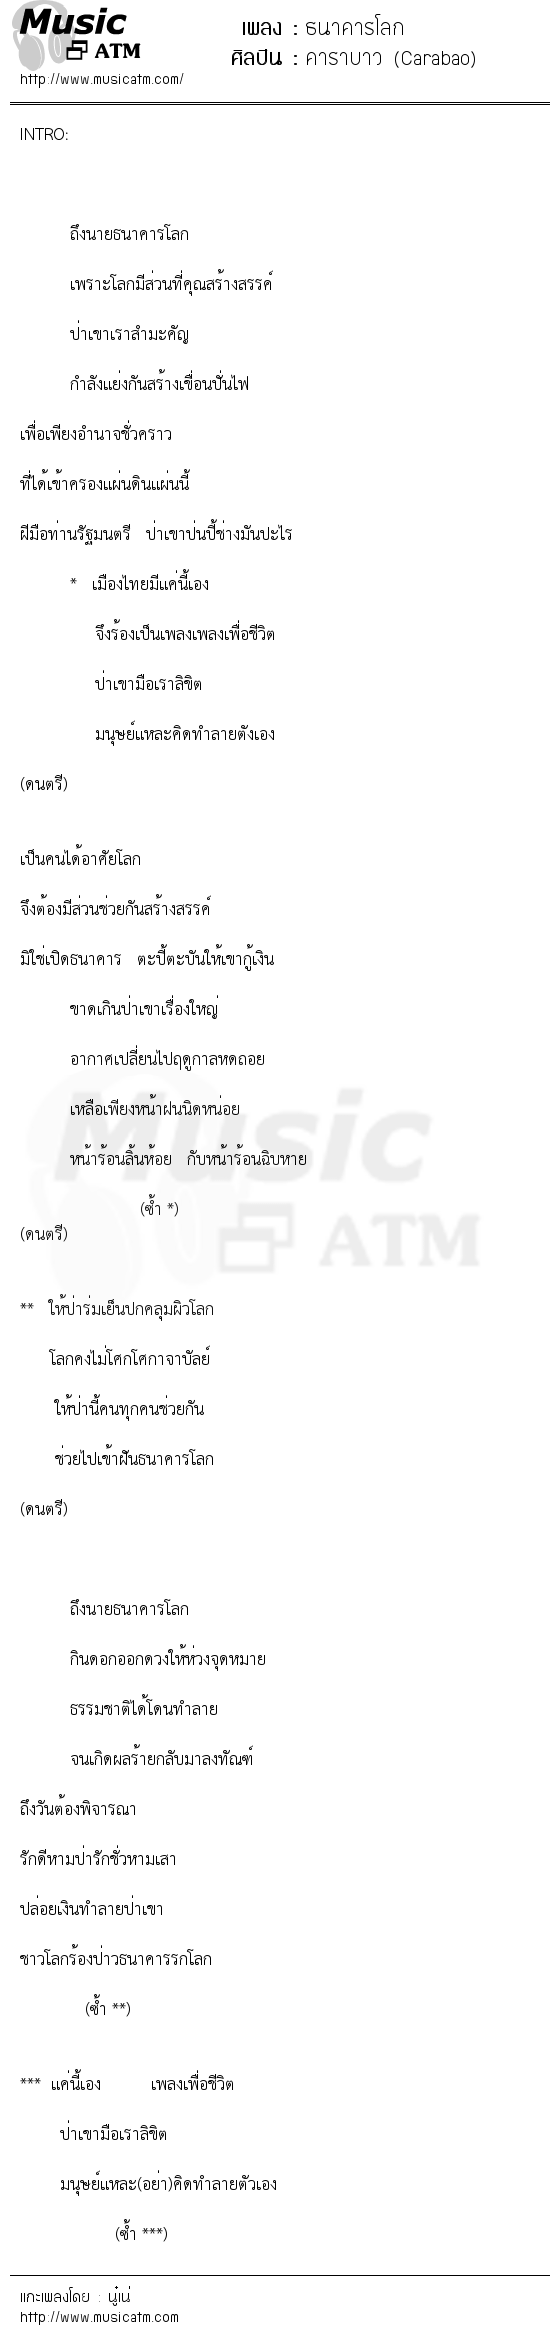 ธนาคารโลก | เพลงไทย